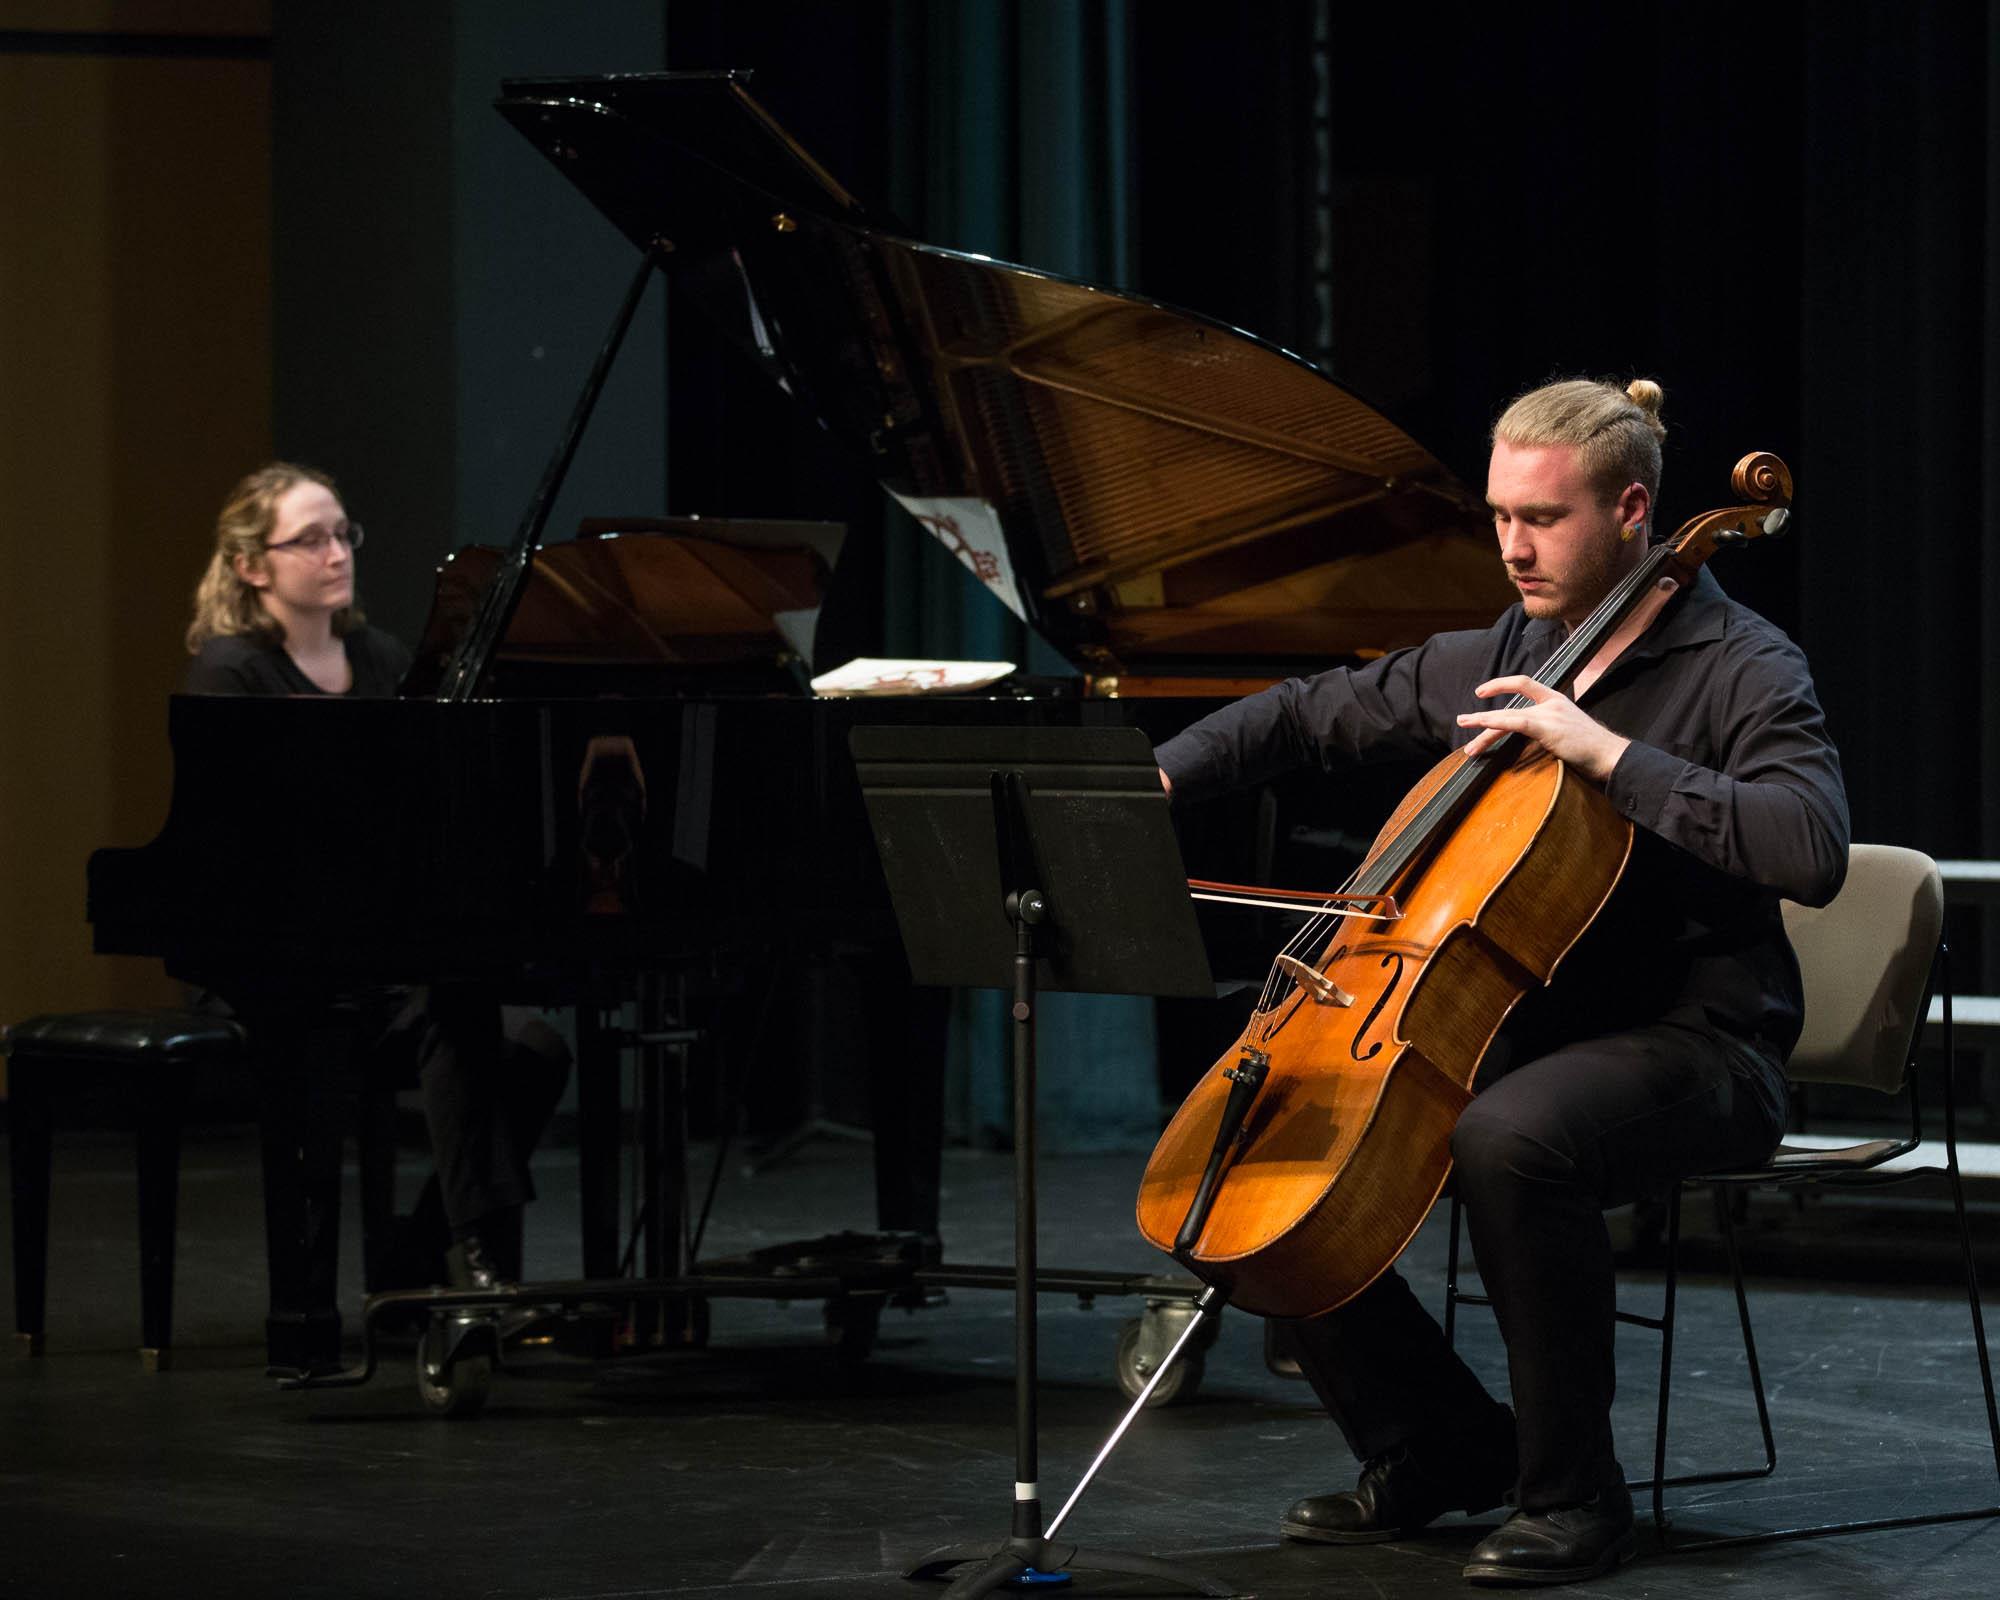 有没有学费全免或学费便宜的美国音乐学院推荐?